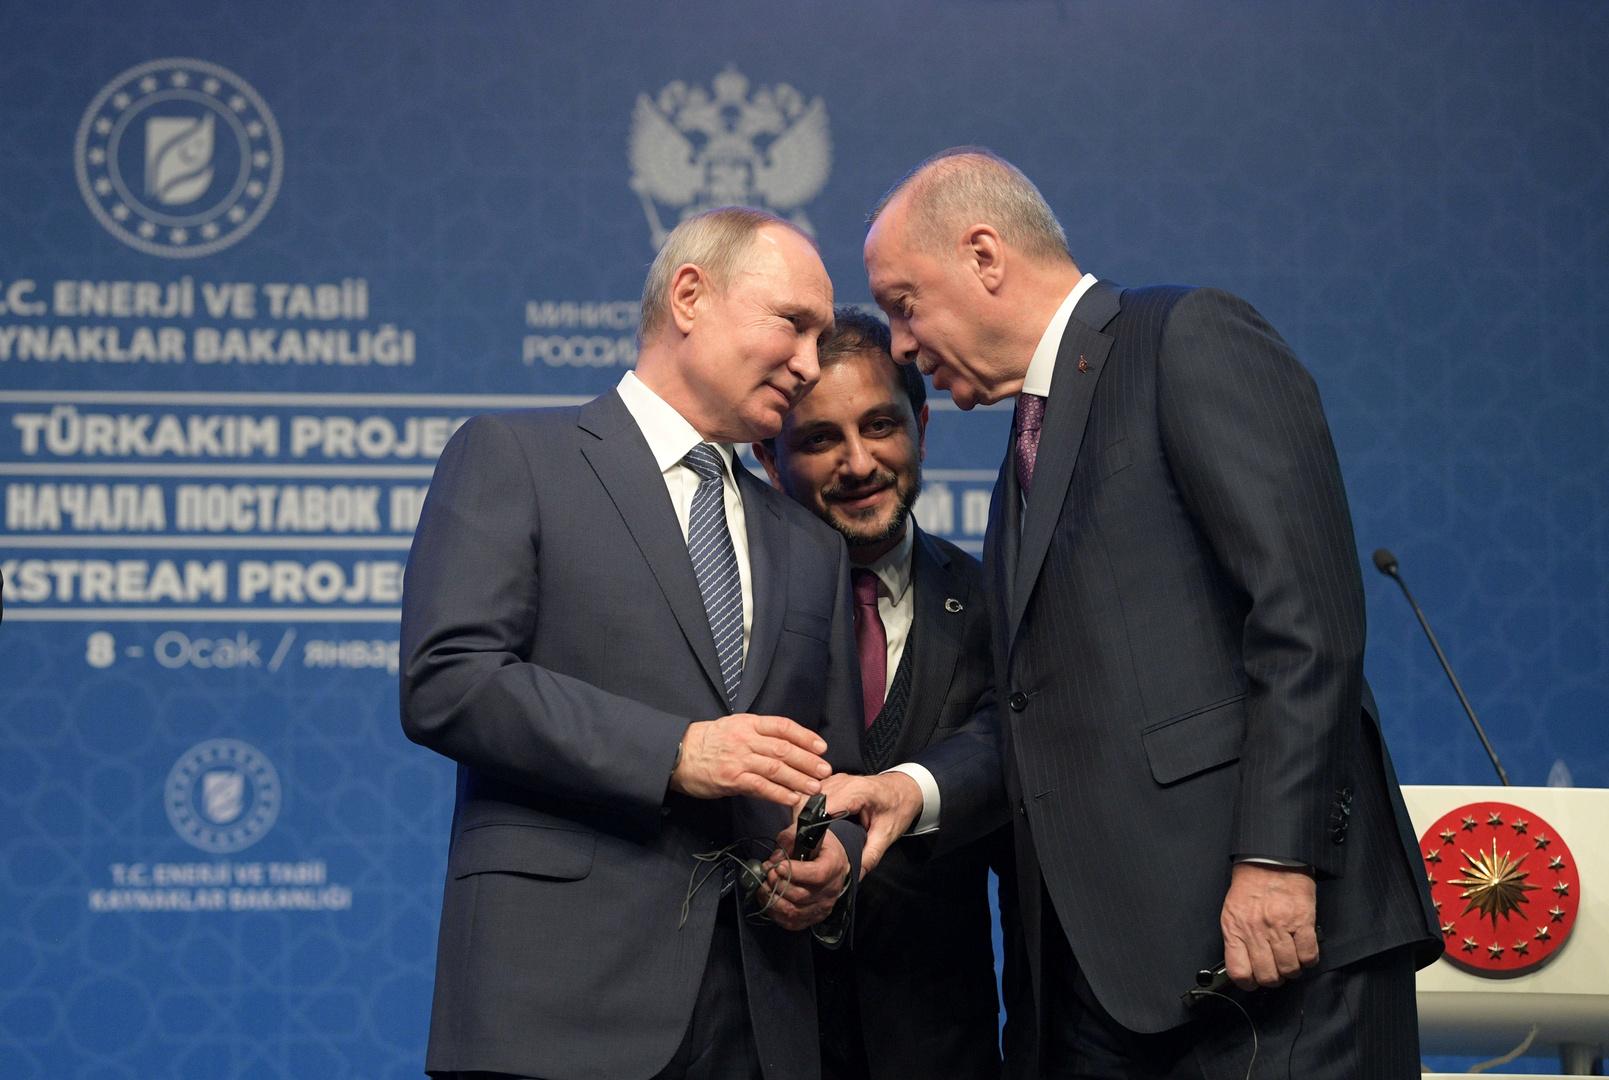 بوتين وأردوغان وجها ببدء التفاوض لاستئناف الرحلات الجوية بين روسيا وتركيا